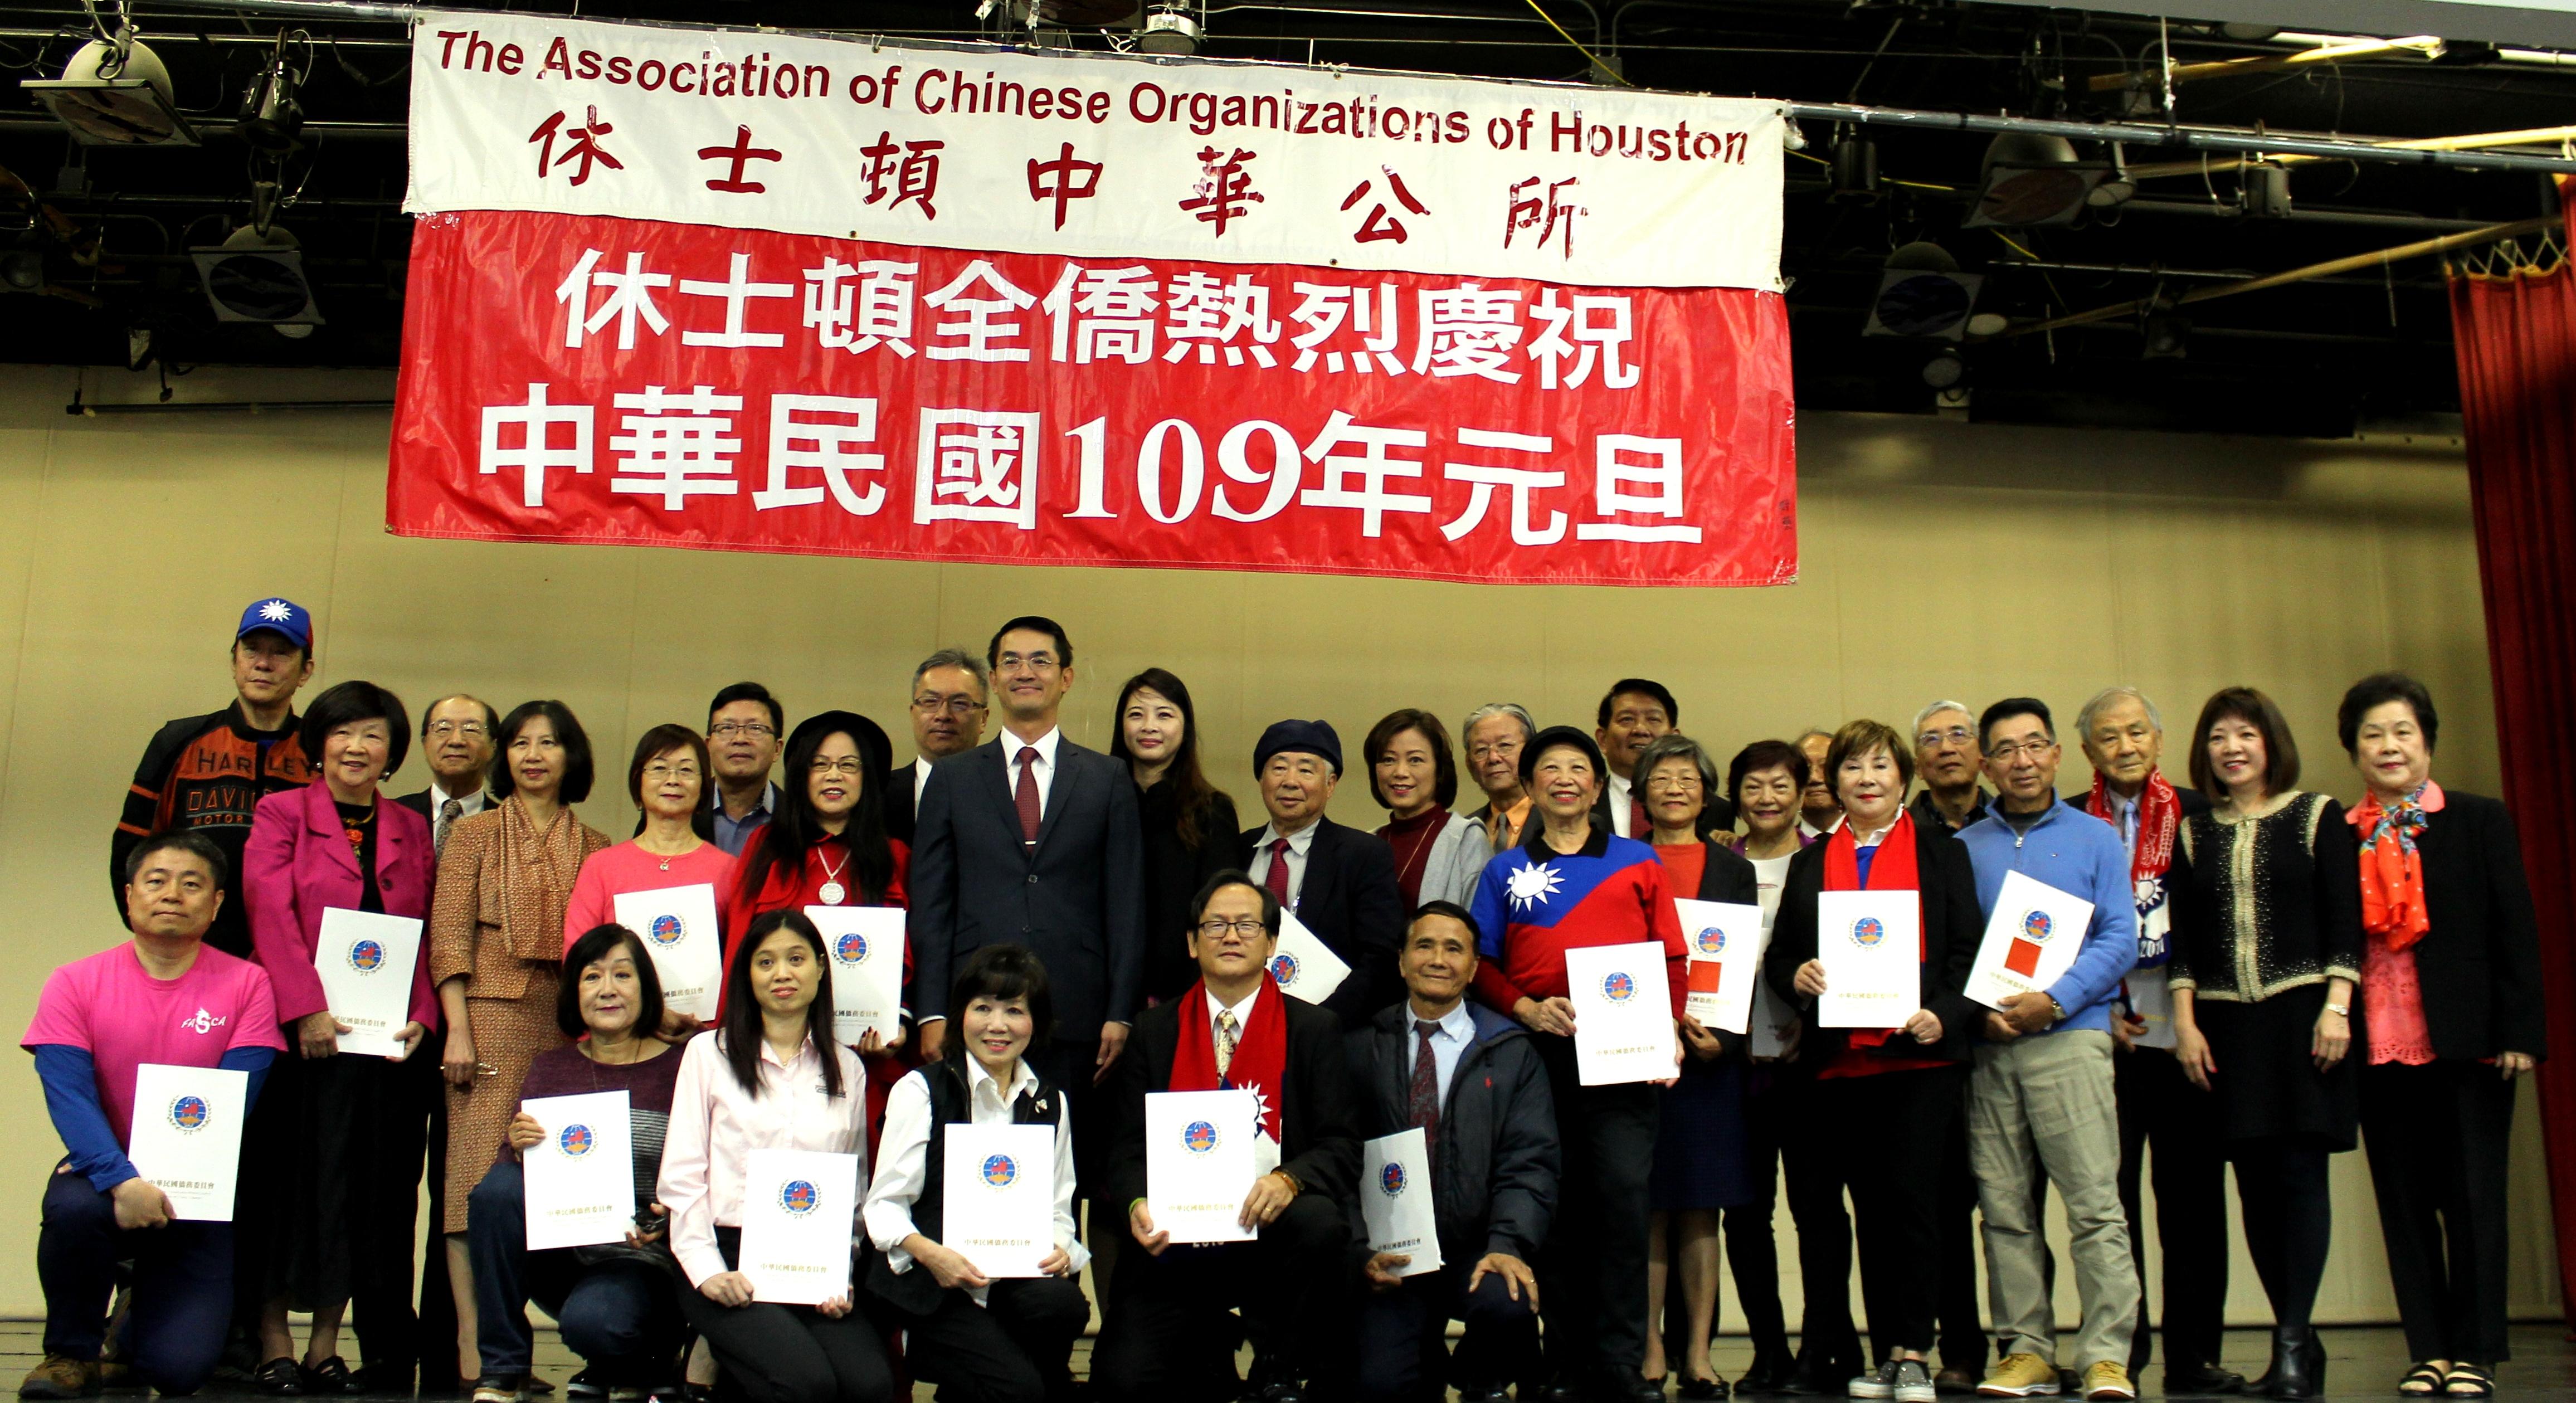 僑務委員陳美芬(右一)、黎淑瑛(右二)與中華民國108年雙十國慶系列活動全體社團首長大合影。